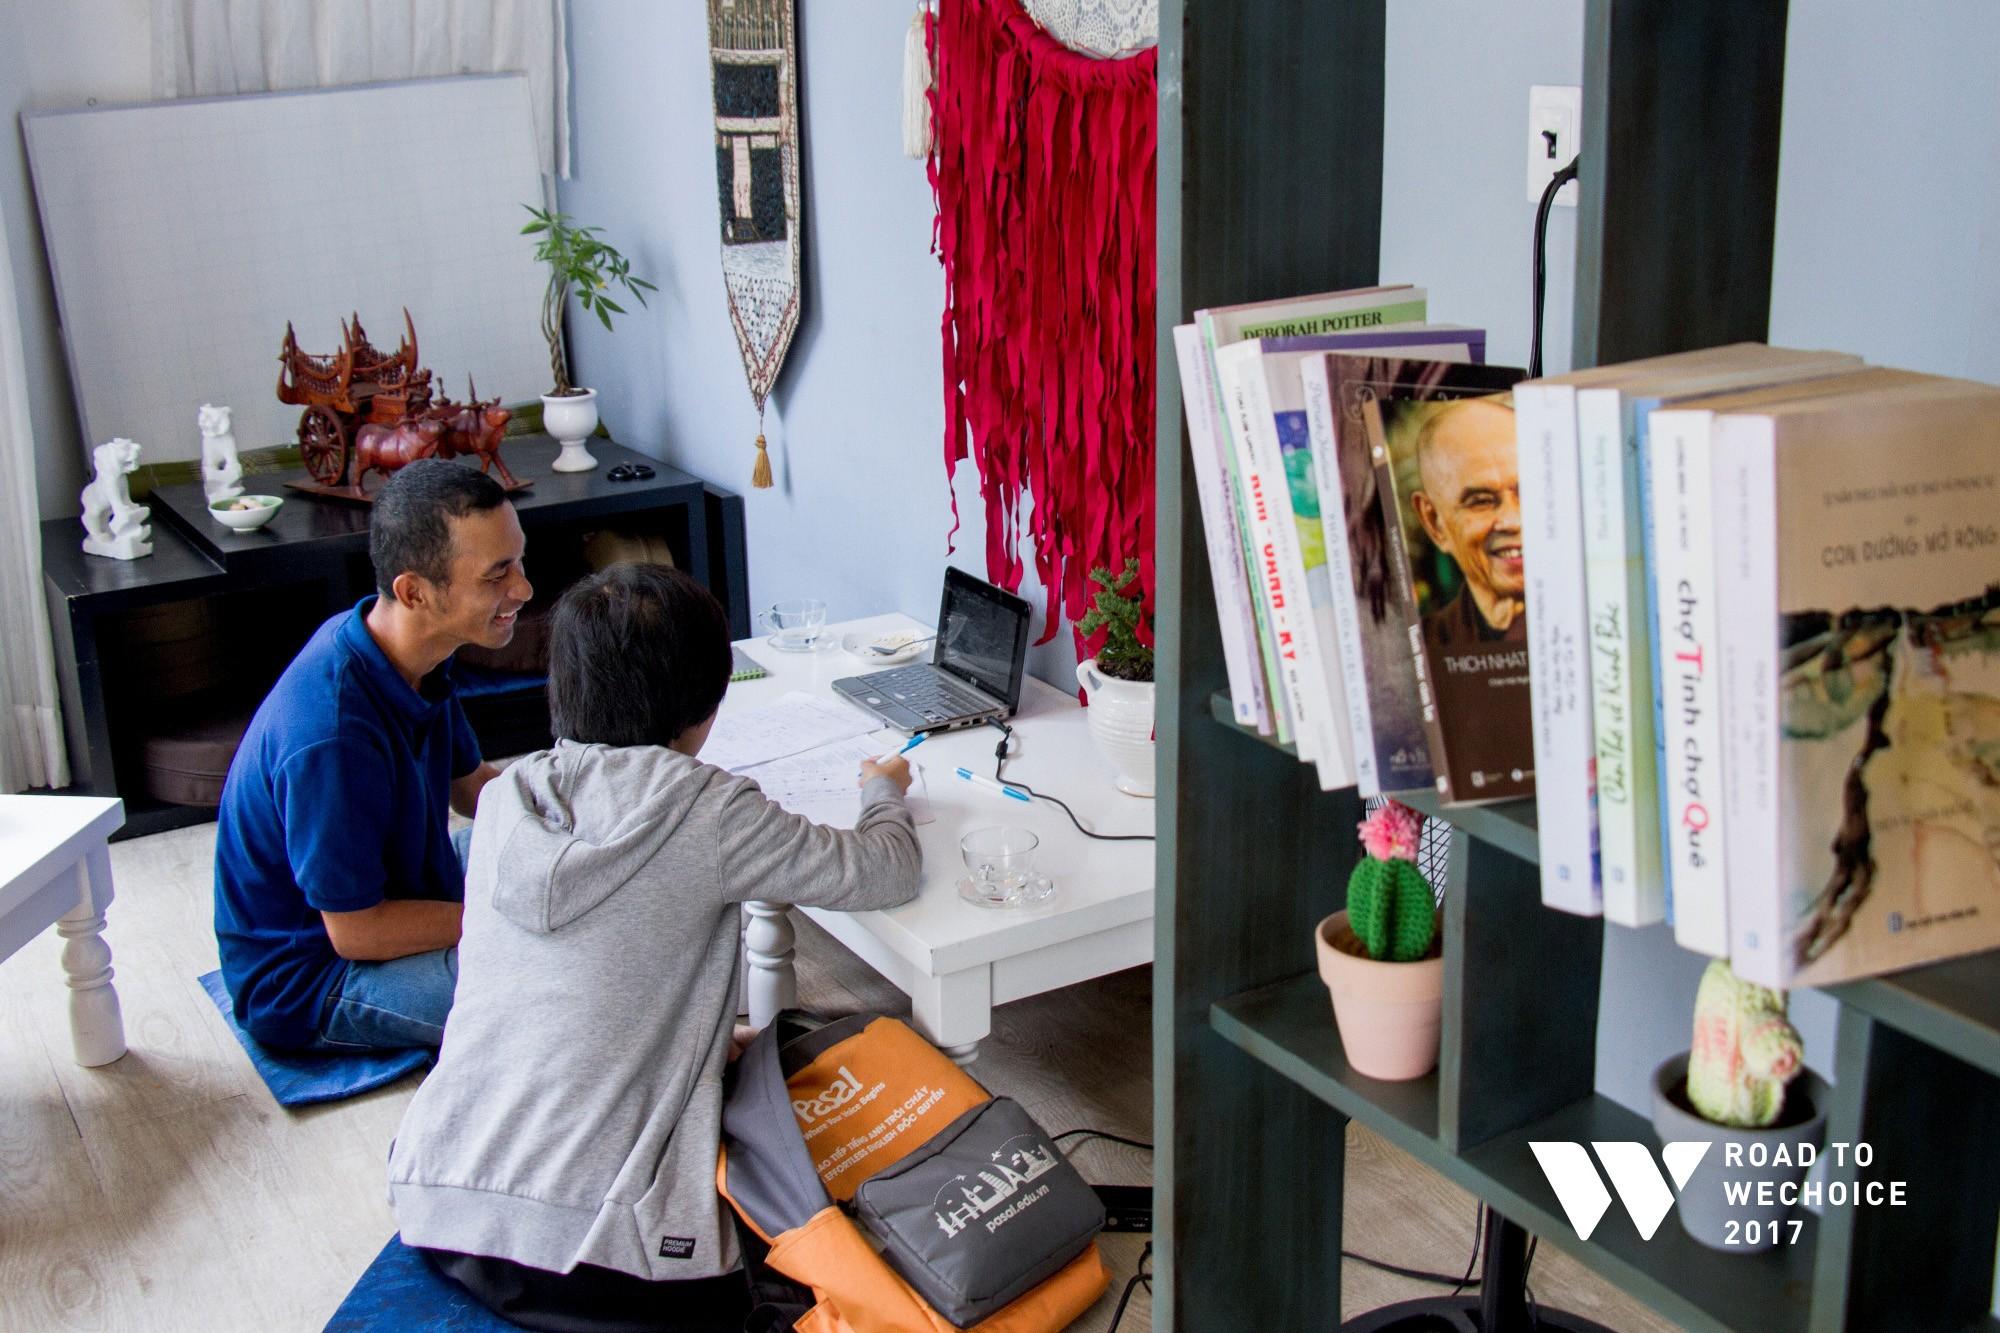 """Chuyện đời """"cũng bình thường thôi"""" của chàng shipper khuyết tật miệt mài đạp xe giao hàng khắp Sài Gòn - Ảnh 4."""